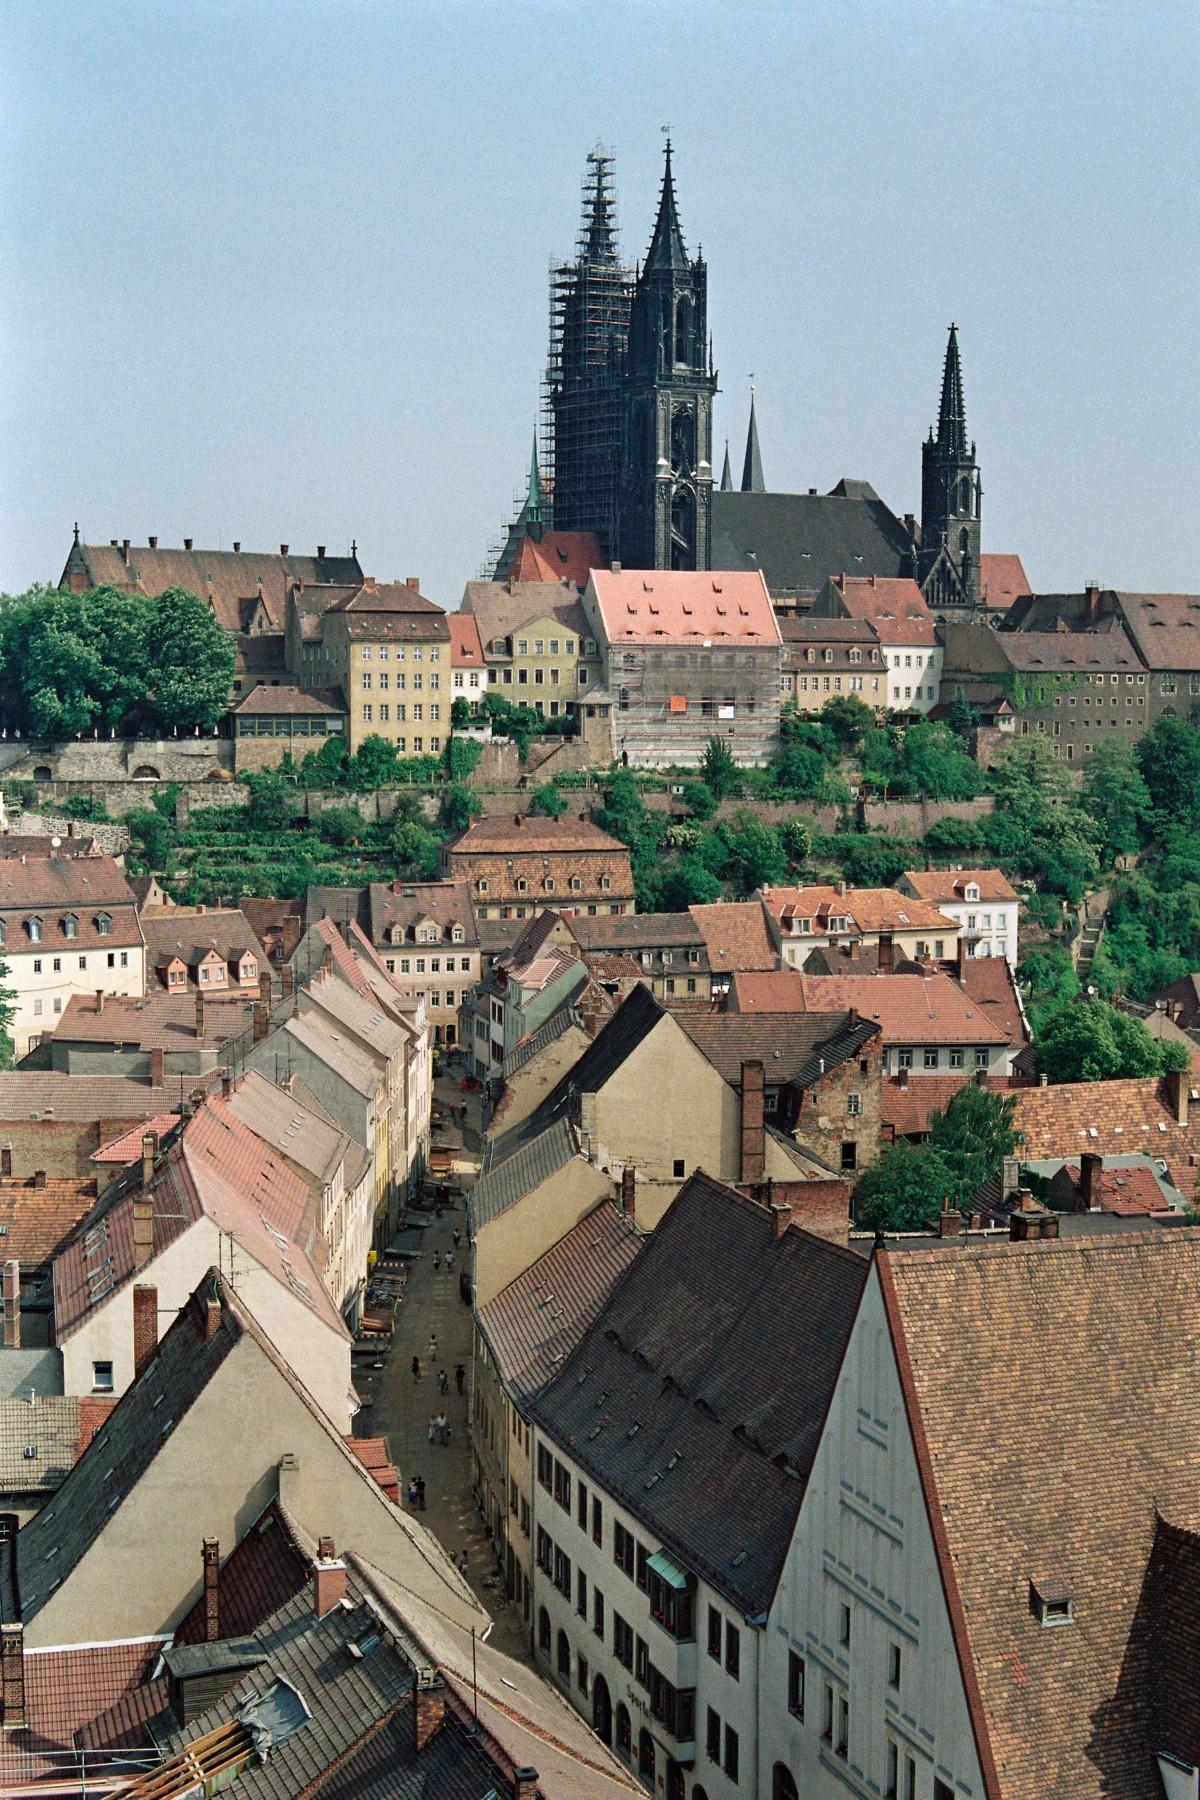 Blick von der Frauenkirche auf die Innenstadt von Meißen, 27. Mai 1992.